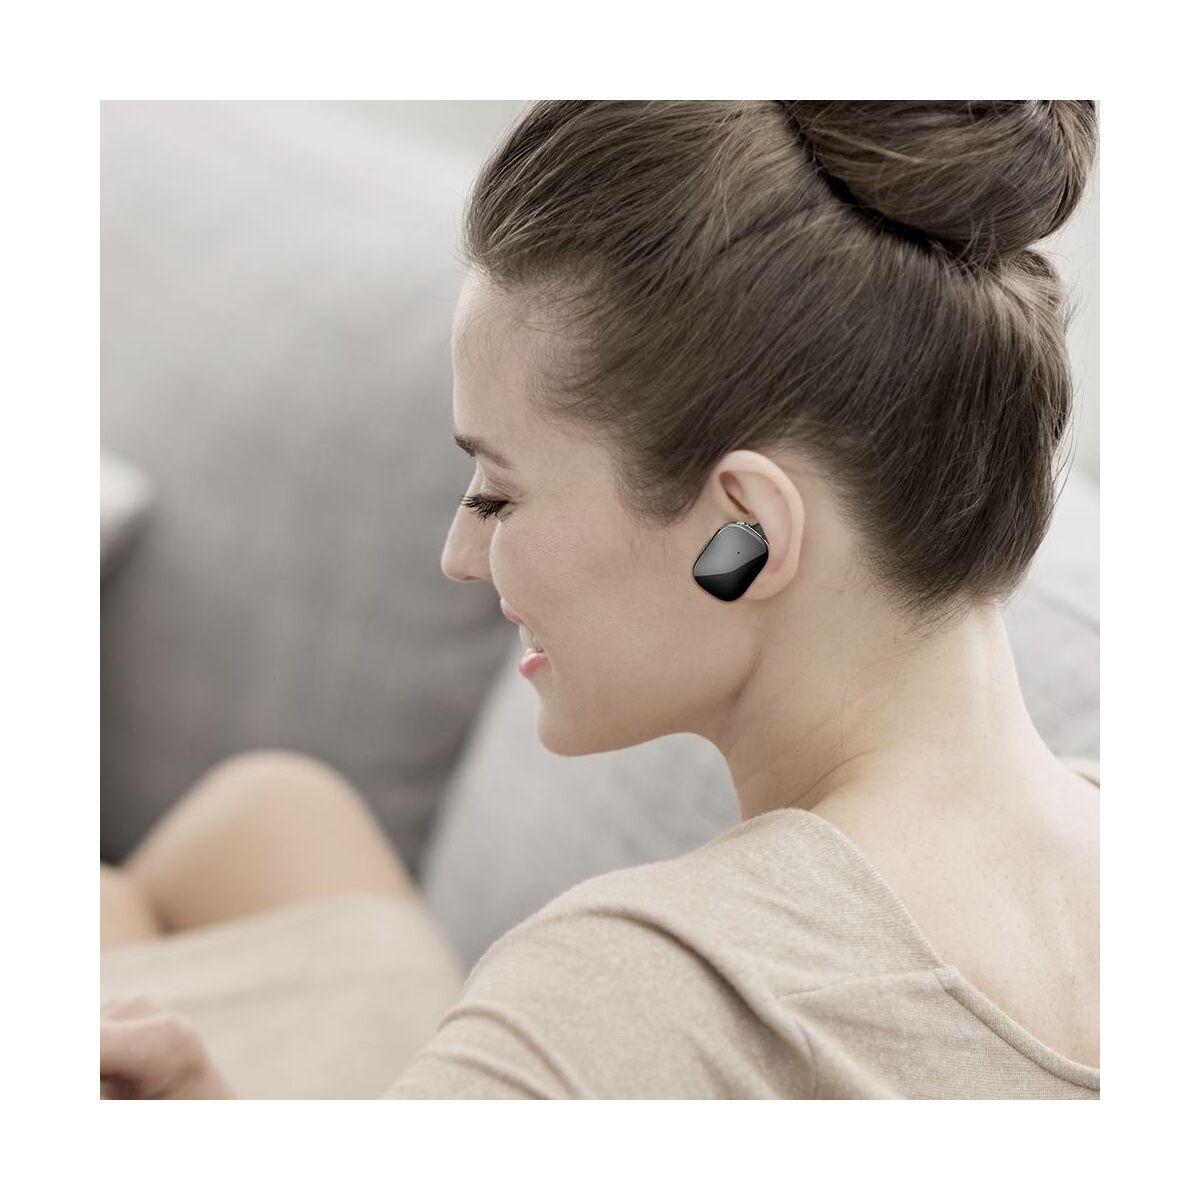 Baseus fülhallgató, Bluetooth Encok W02, Truly Wireless Touch Control, Binaural, zajcsökkentés, HD hang, BT 4.2, fekete (NGW02-01)